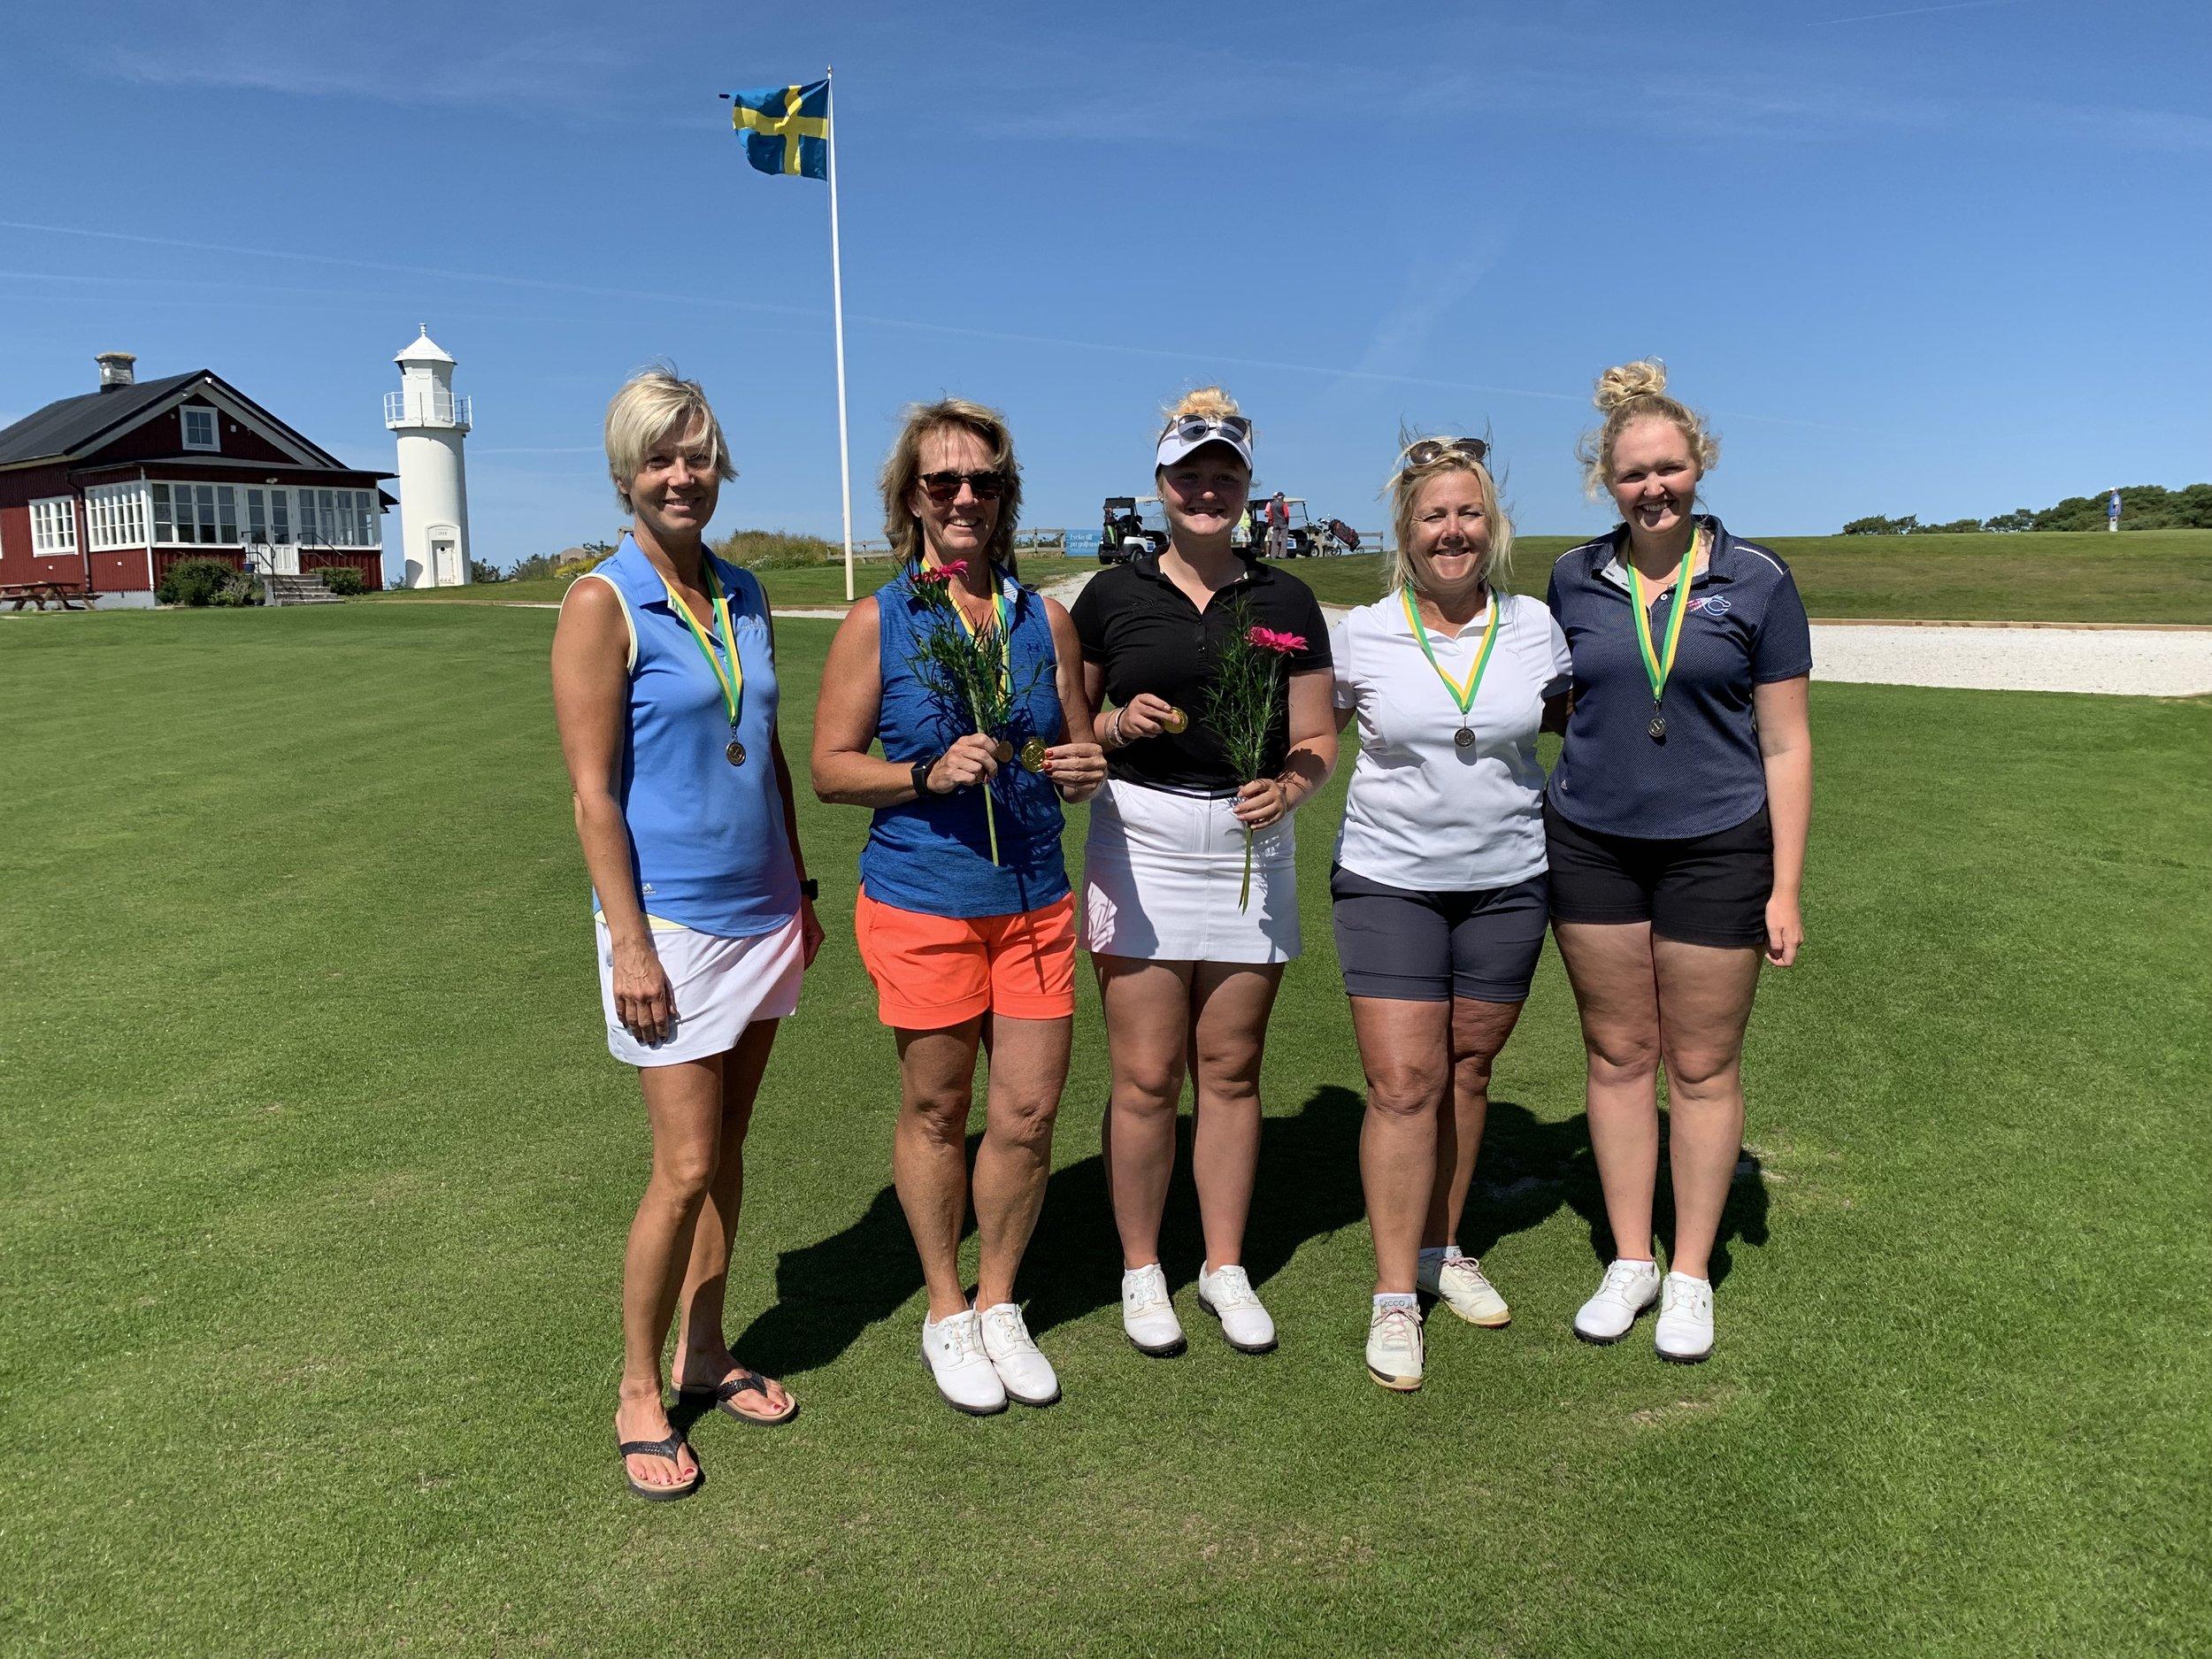 På bilden fr.v. Susanne Rasmussen, Lena Göransson, Rebecca Brink, Eva Orbert och Sandra Brink